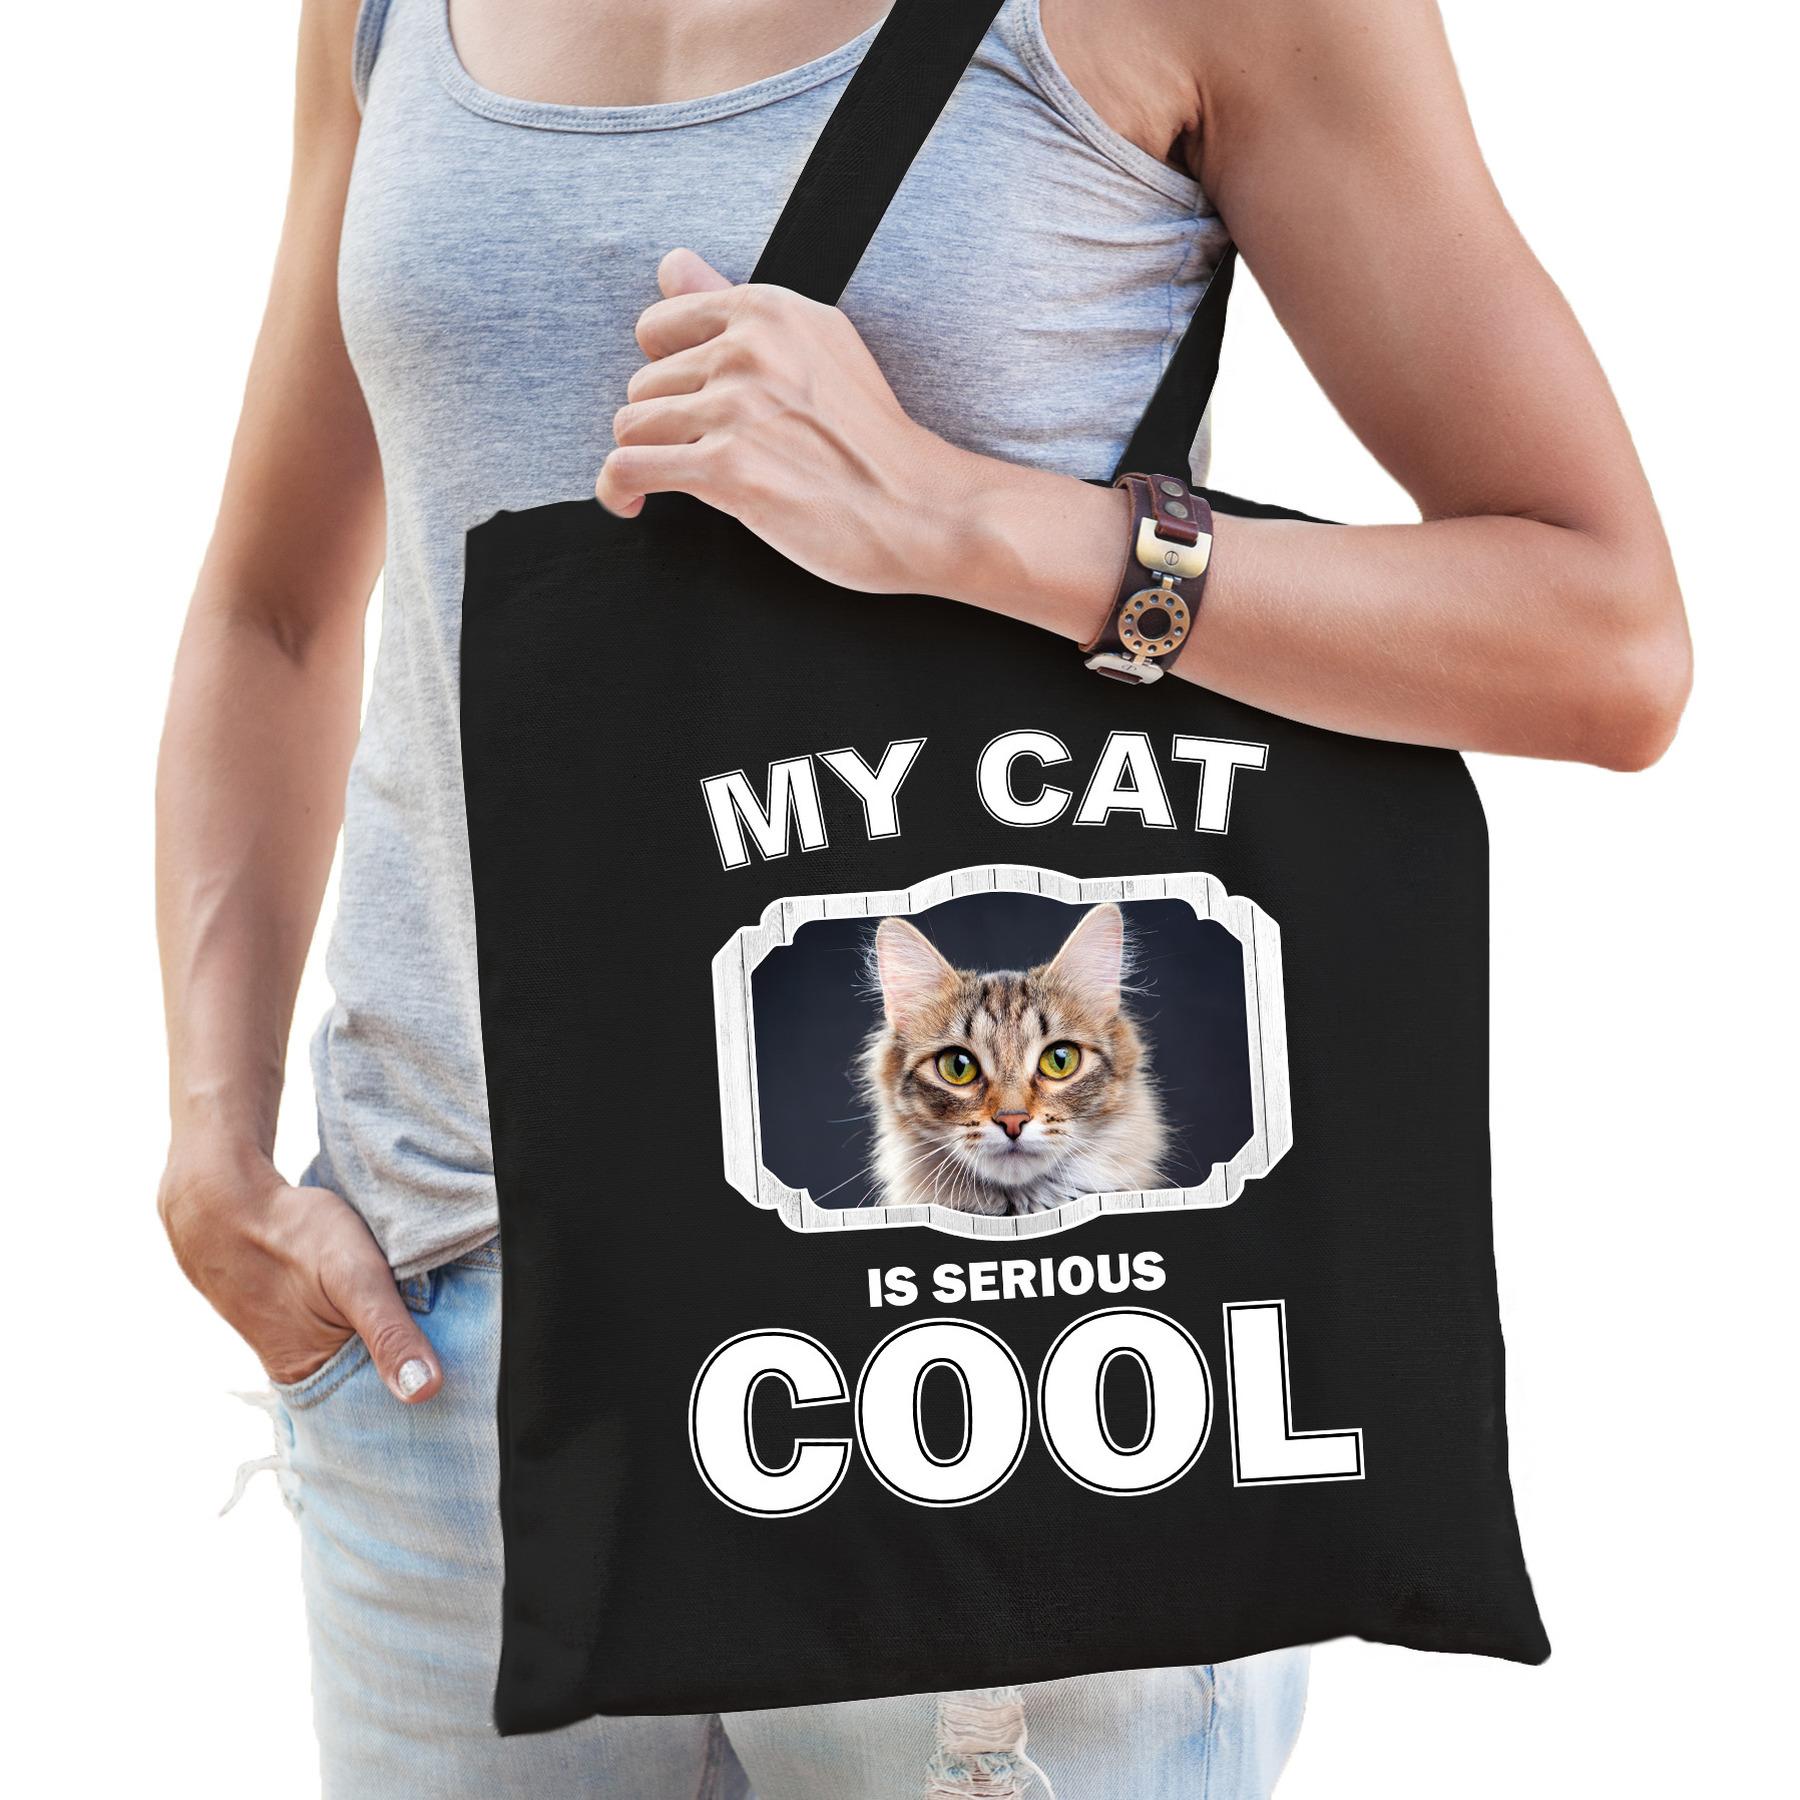 Katoenen tasje my cat is serious cool zwart - Bruine katten - katten cadeau tas